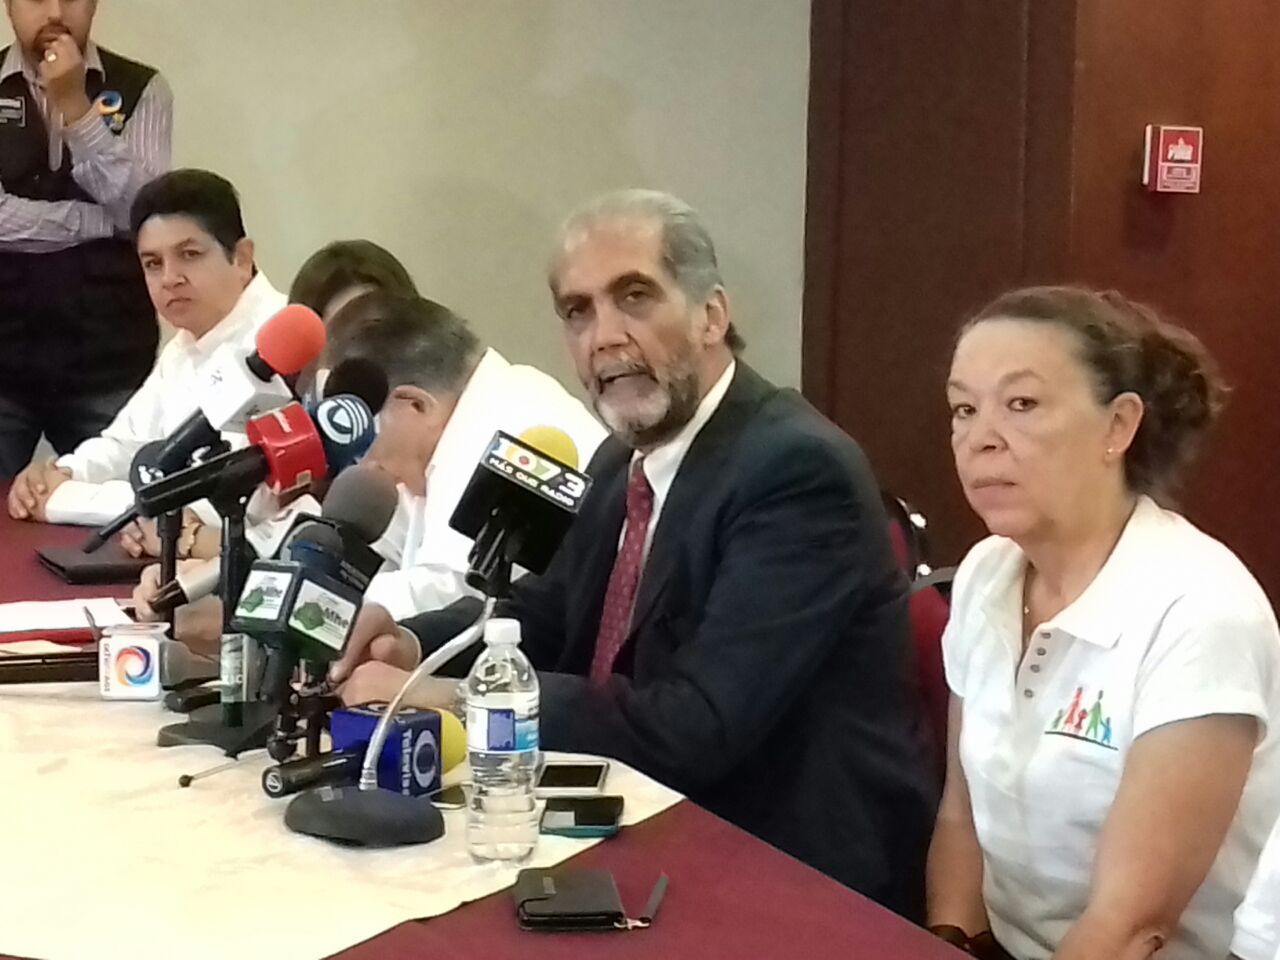 Los Planteamientos del Consejo Mexicano de la Familia Representan un Retroceso: Mabel Haro